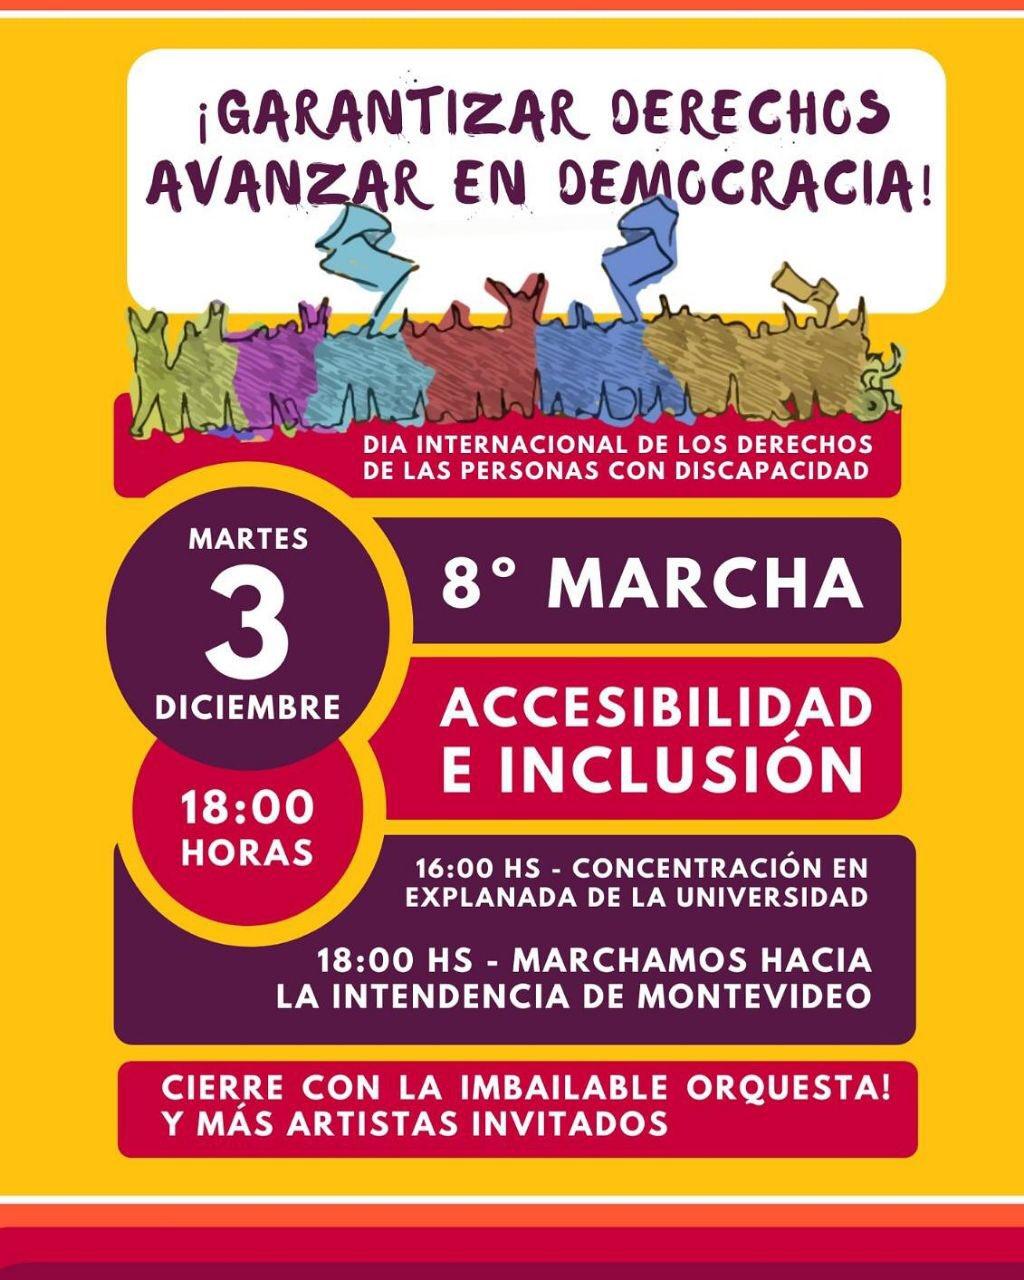 Afiche que convoca a la marcha